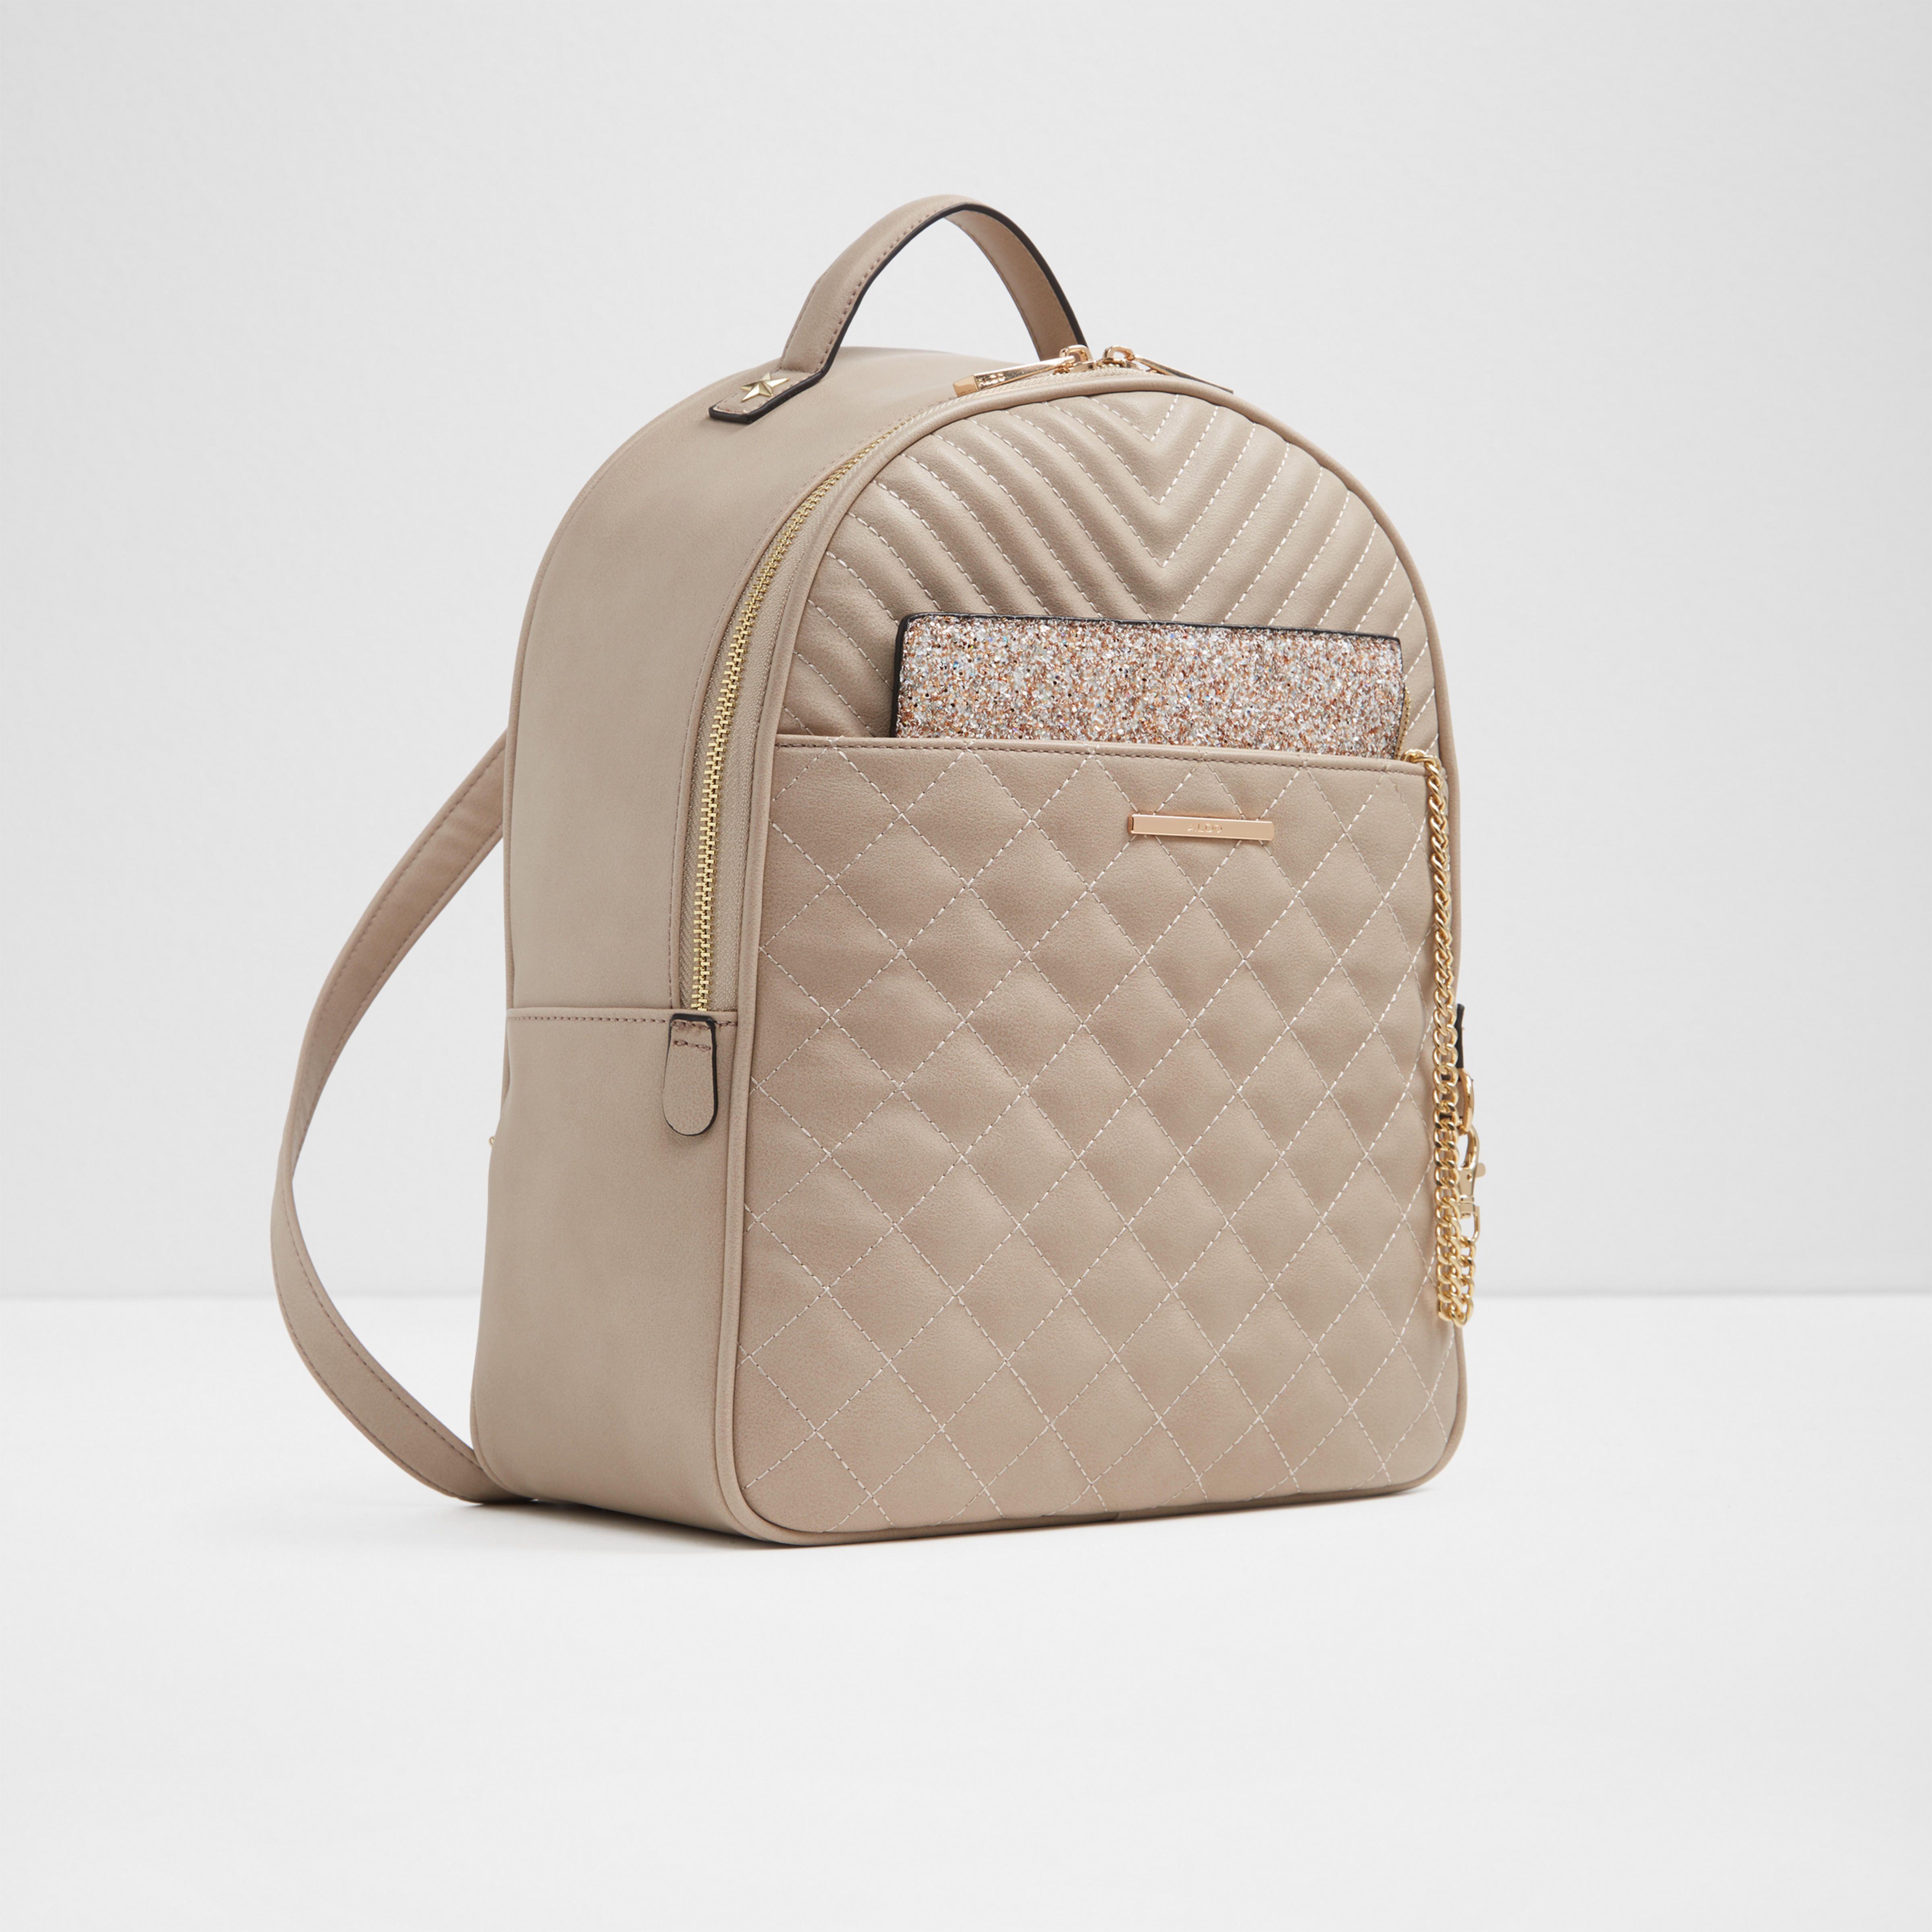 Auricelle Bone Misc. Women s Backpacks  3371923cdb60d